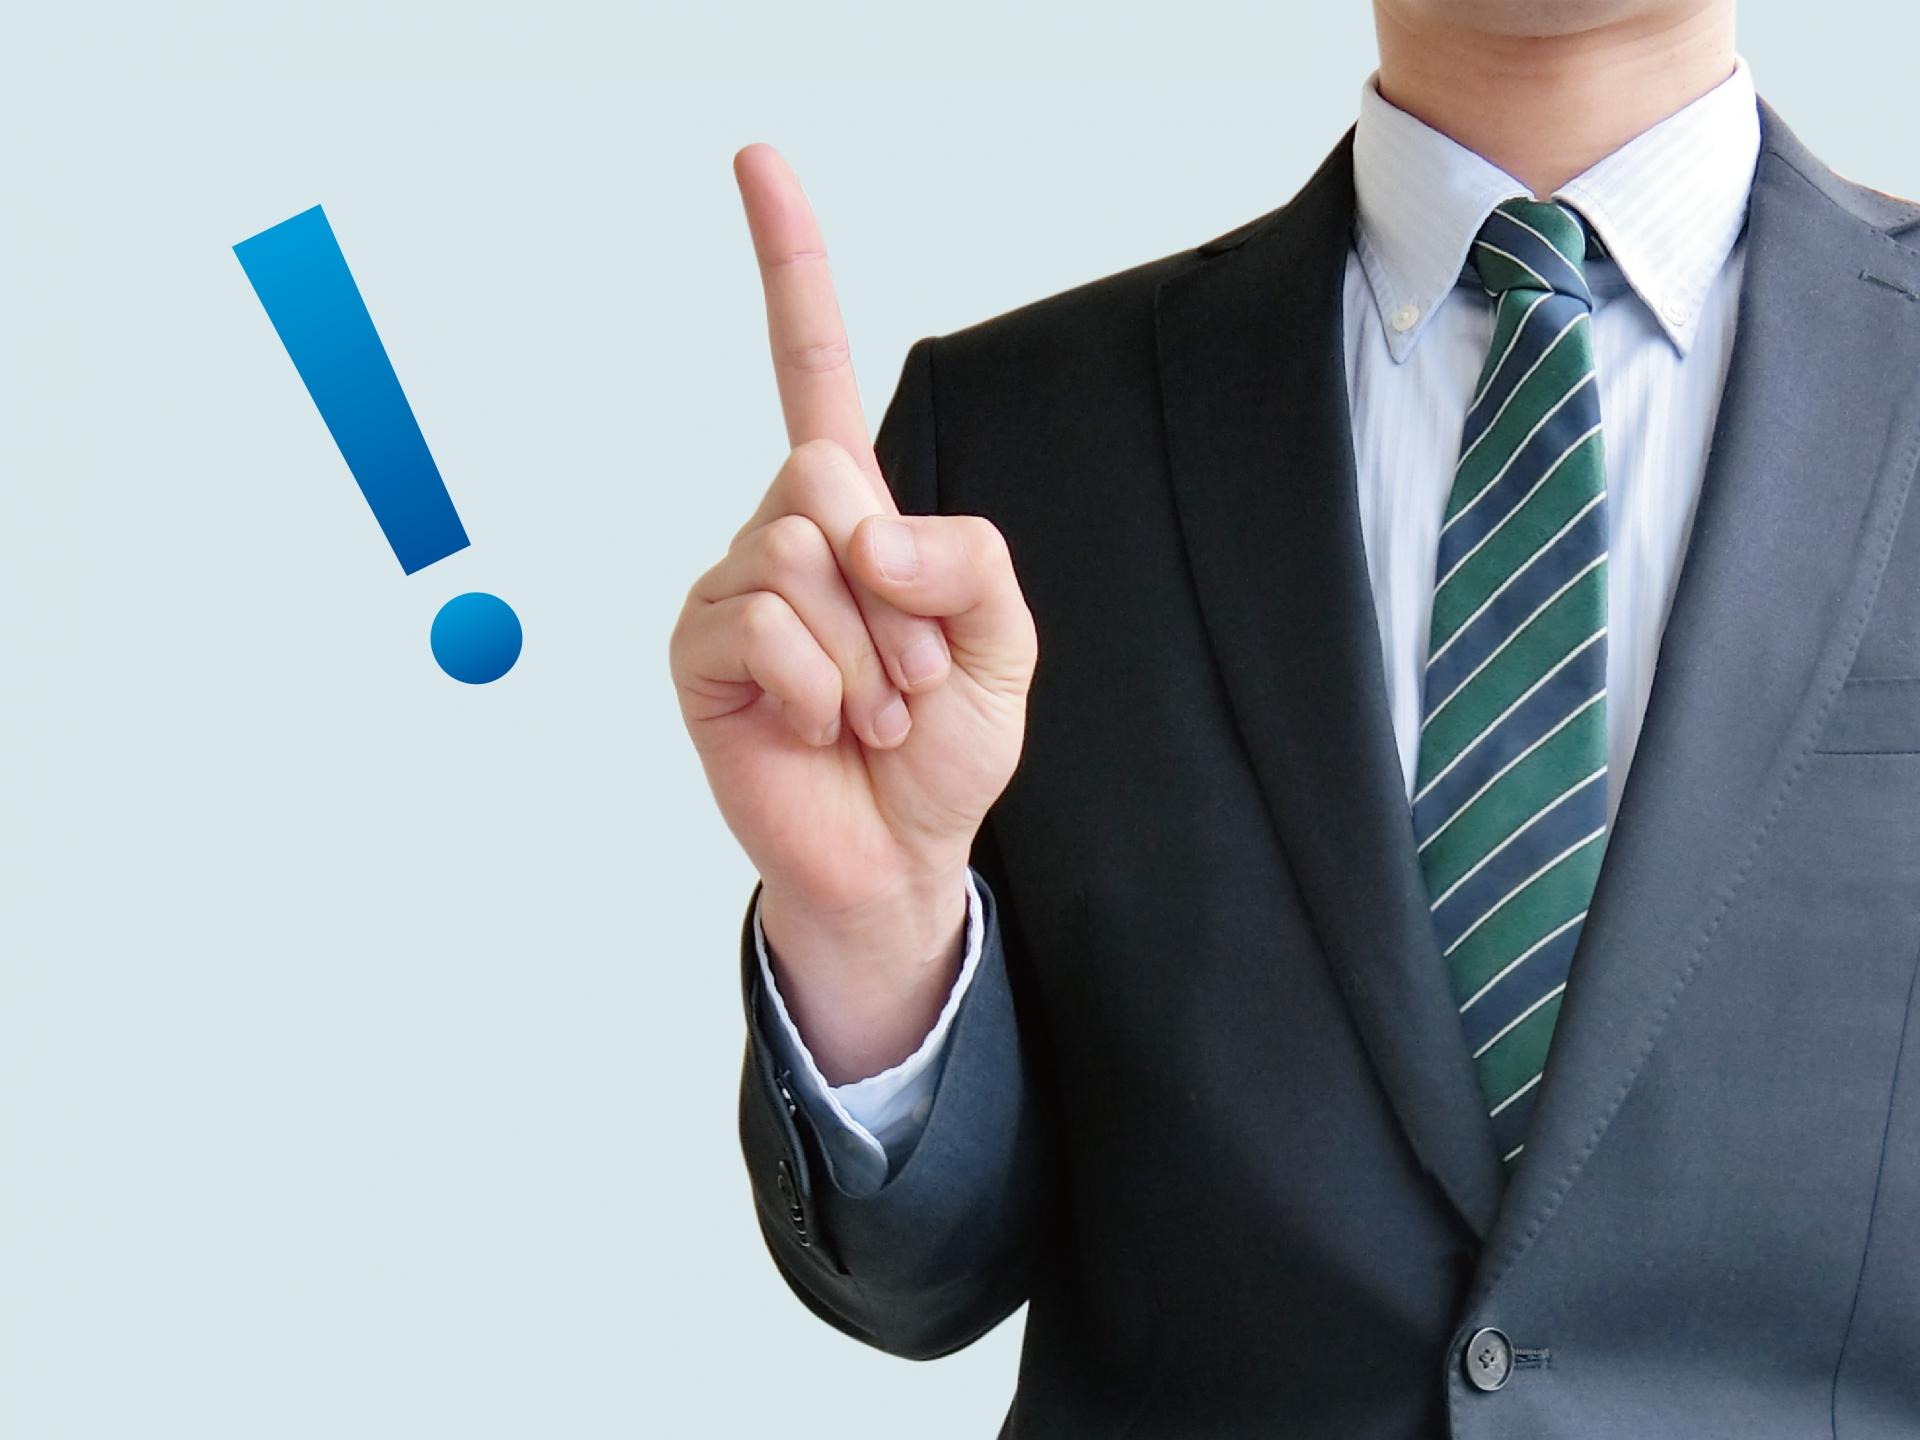 「営業プロセス」基本中の基本!売れる仕組み4ステップとは?_注意